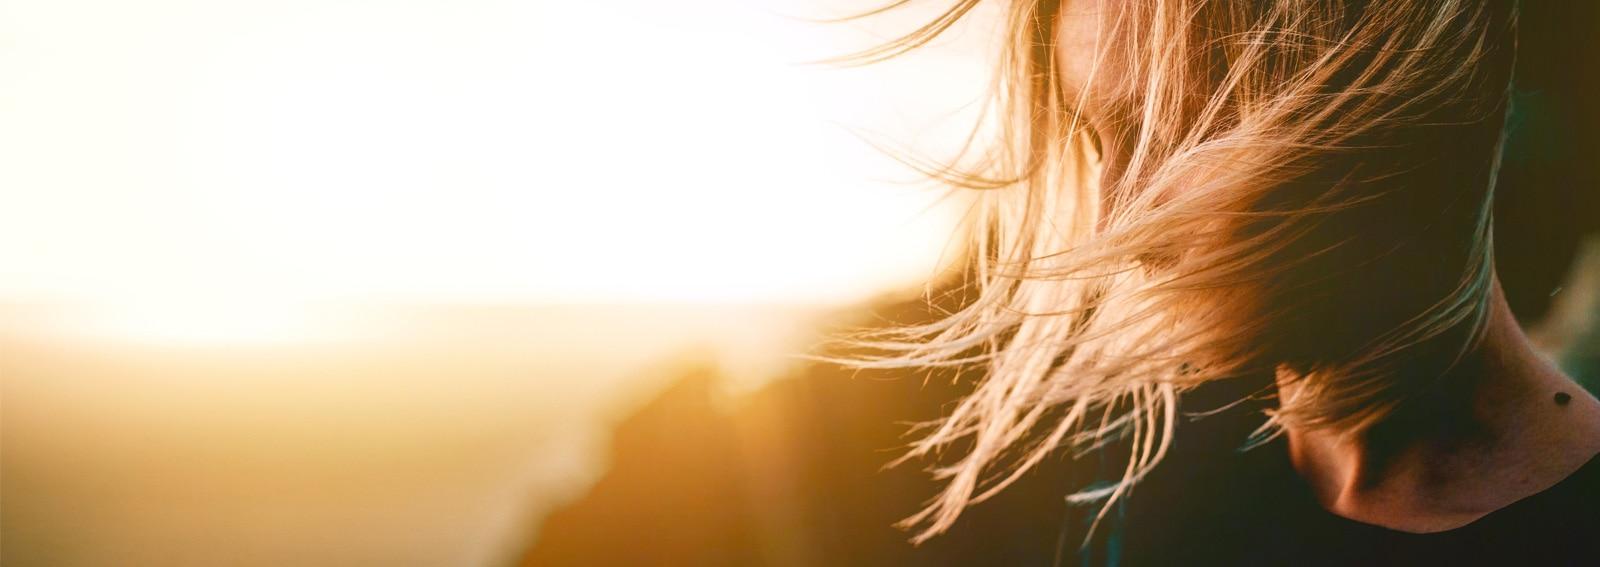 Sunkissed-hair-tinta-capelli-sfumata-per-una-chioma-baciata-dal-sole-tutto-l'anno-COVER-DESKTOP